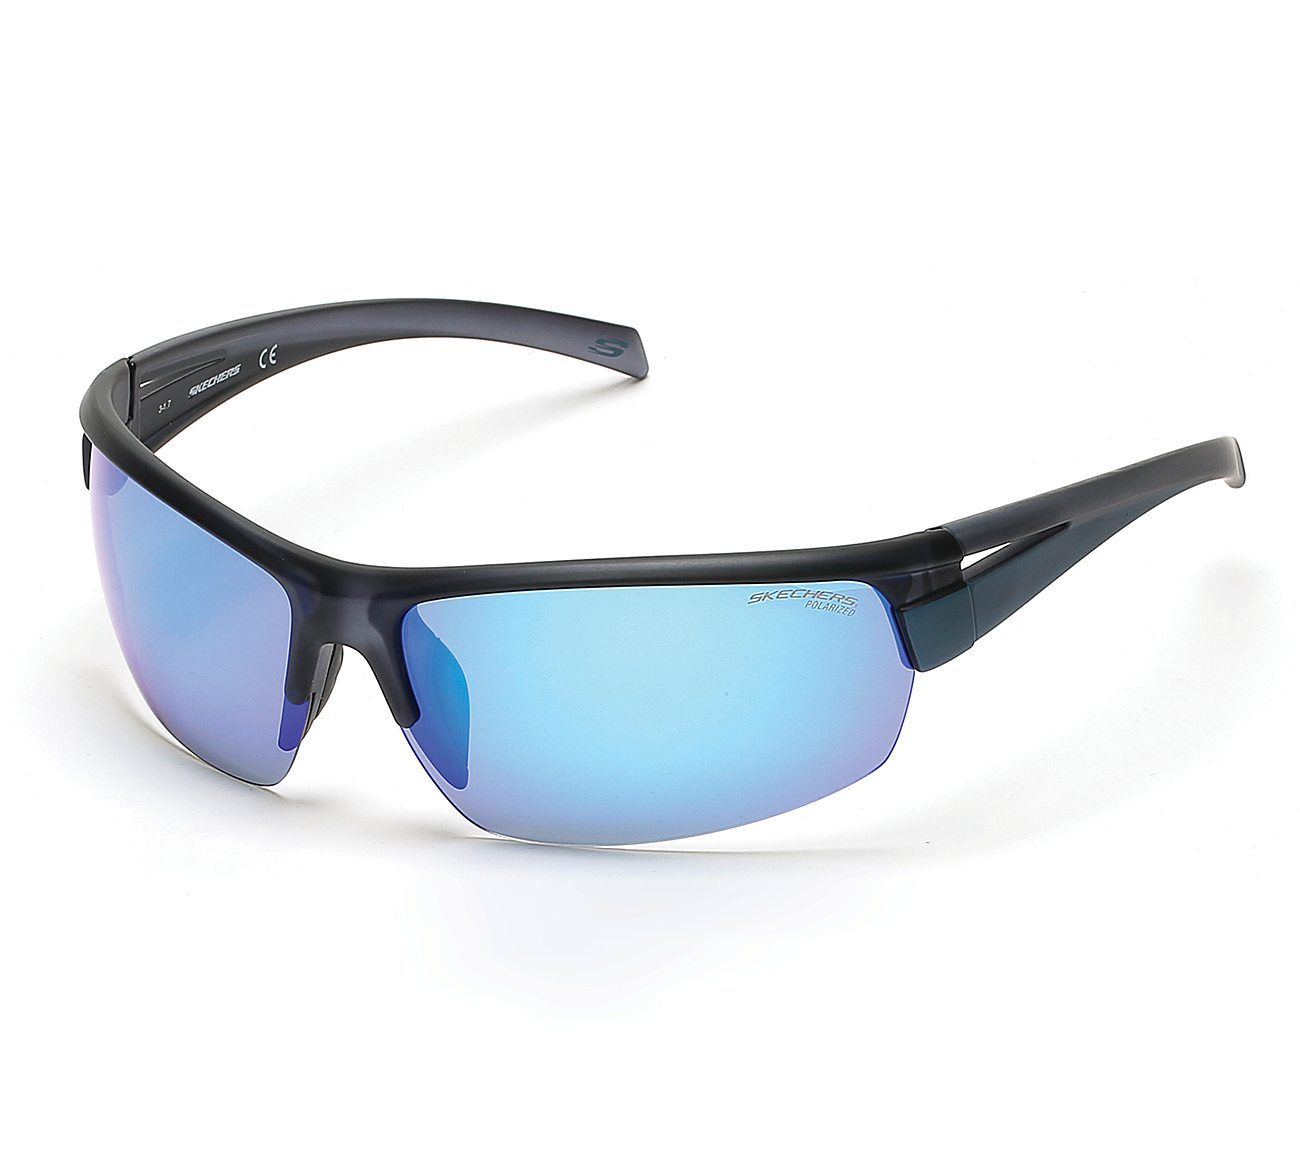 2bd94e6d9cc3 Buy SKECHERS Sport Wrap Semi Rim Sunglasses Accessories Shoes only ...